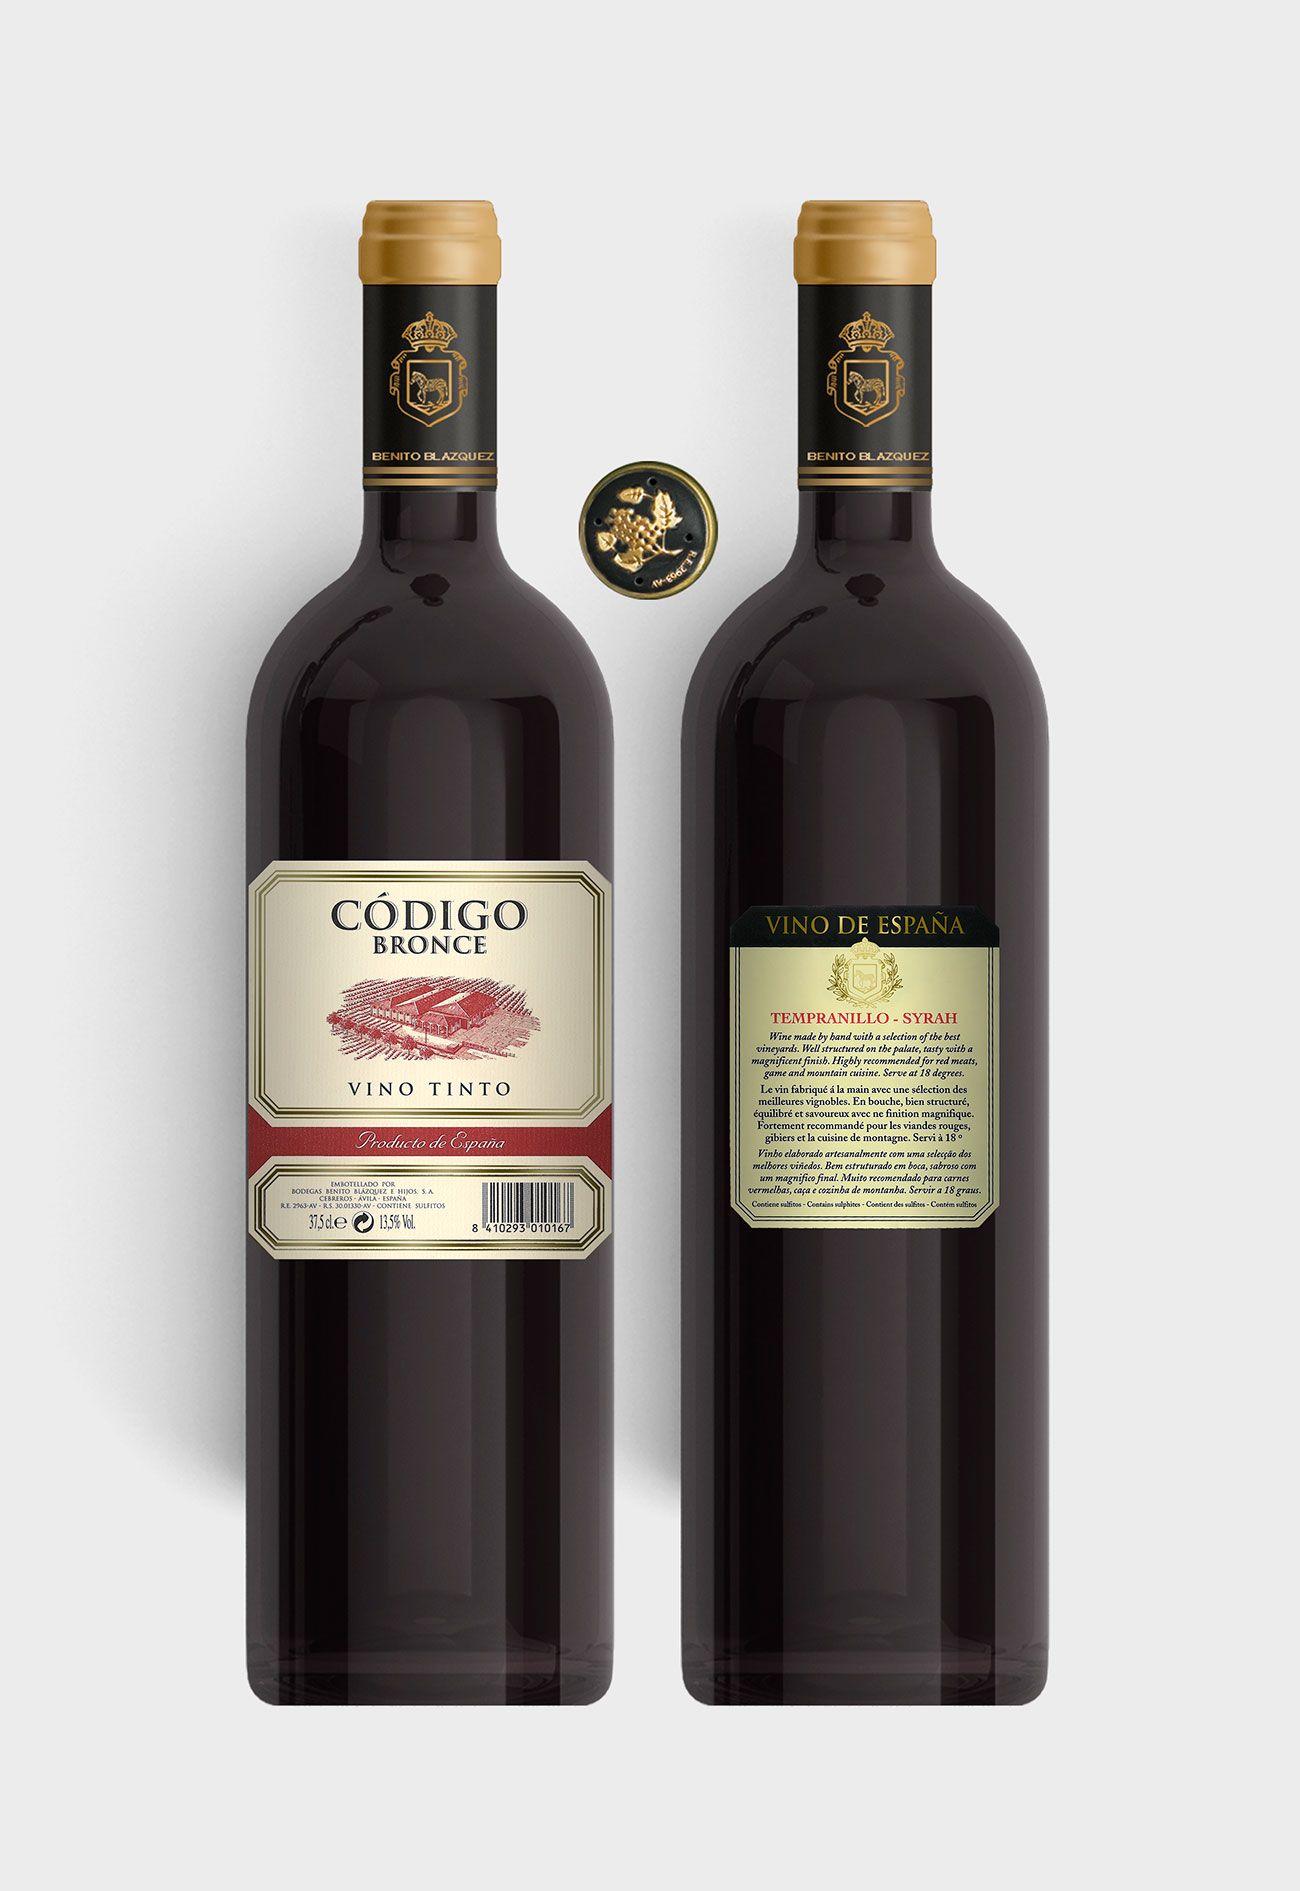 Benito Blázquez - Botella vino tinto Código Bronce